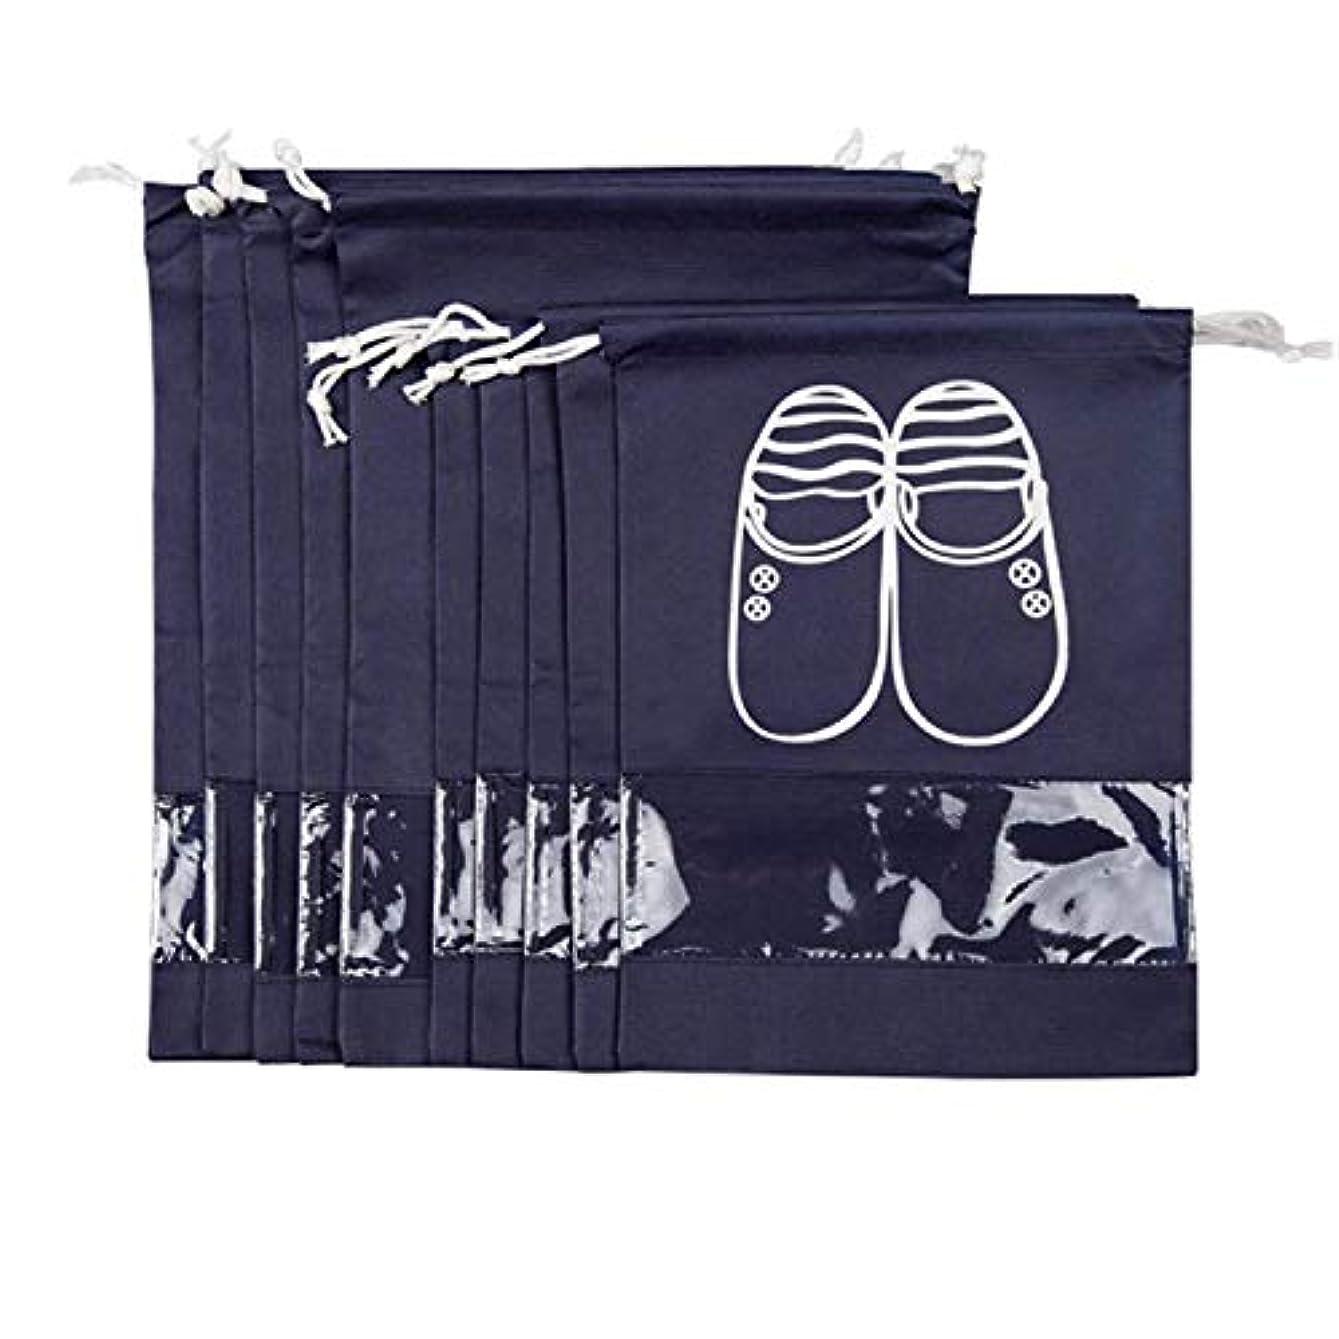 器用帝国代名詞RETYLY 女性男性用トラベルシューズバッグ、クリアビューウィンドウドローストリング付き 10個(ネイビー)